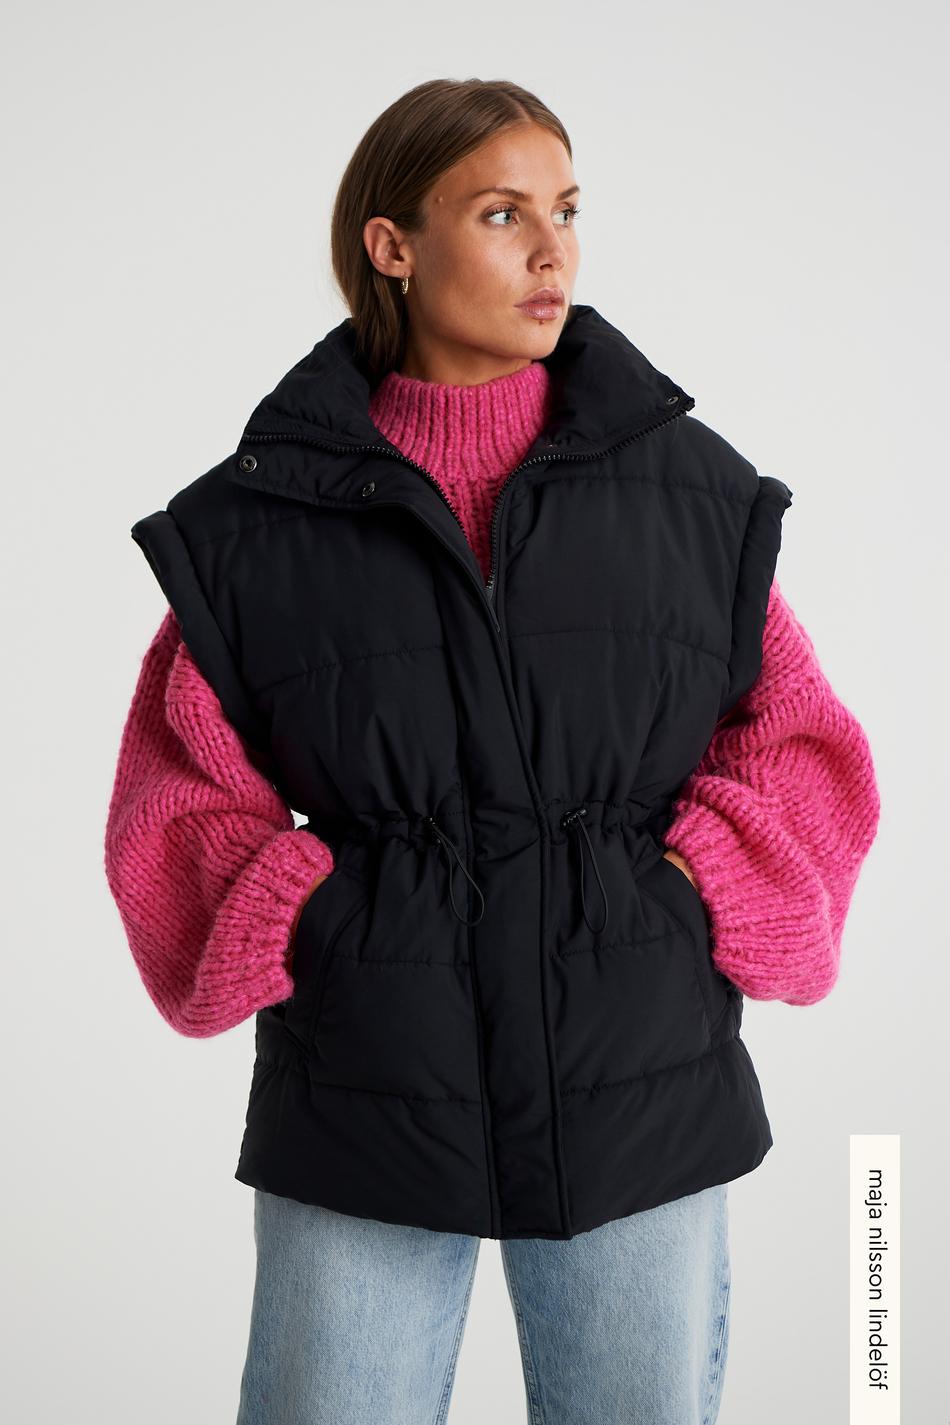 Teddie trucker jacket, Maja Nilsson Lindelöf X Gina Tricot